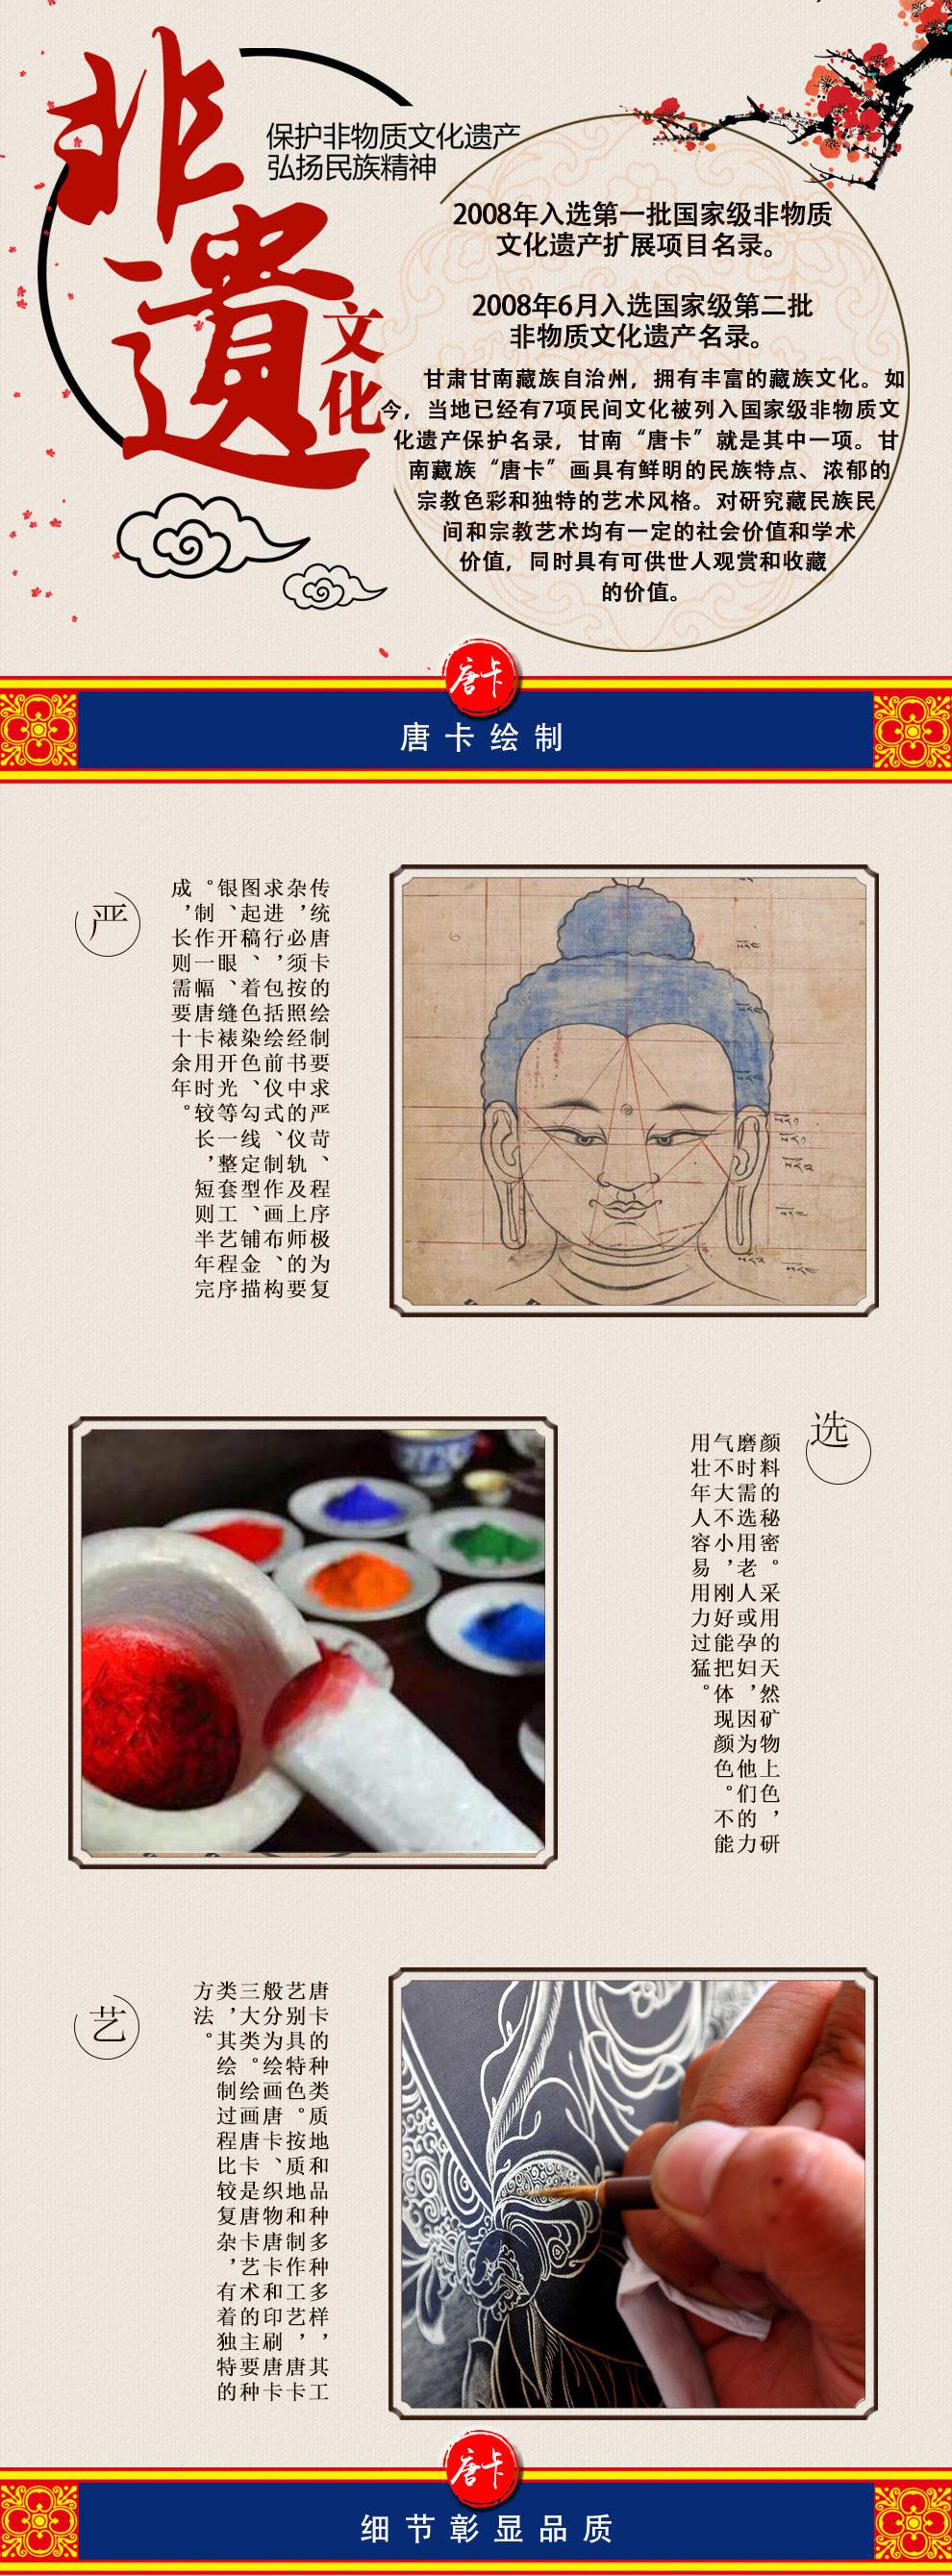 藏族文化的宗教卷轴画—手绘坛城唐卡